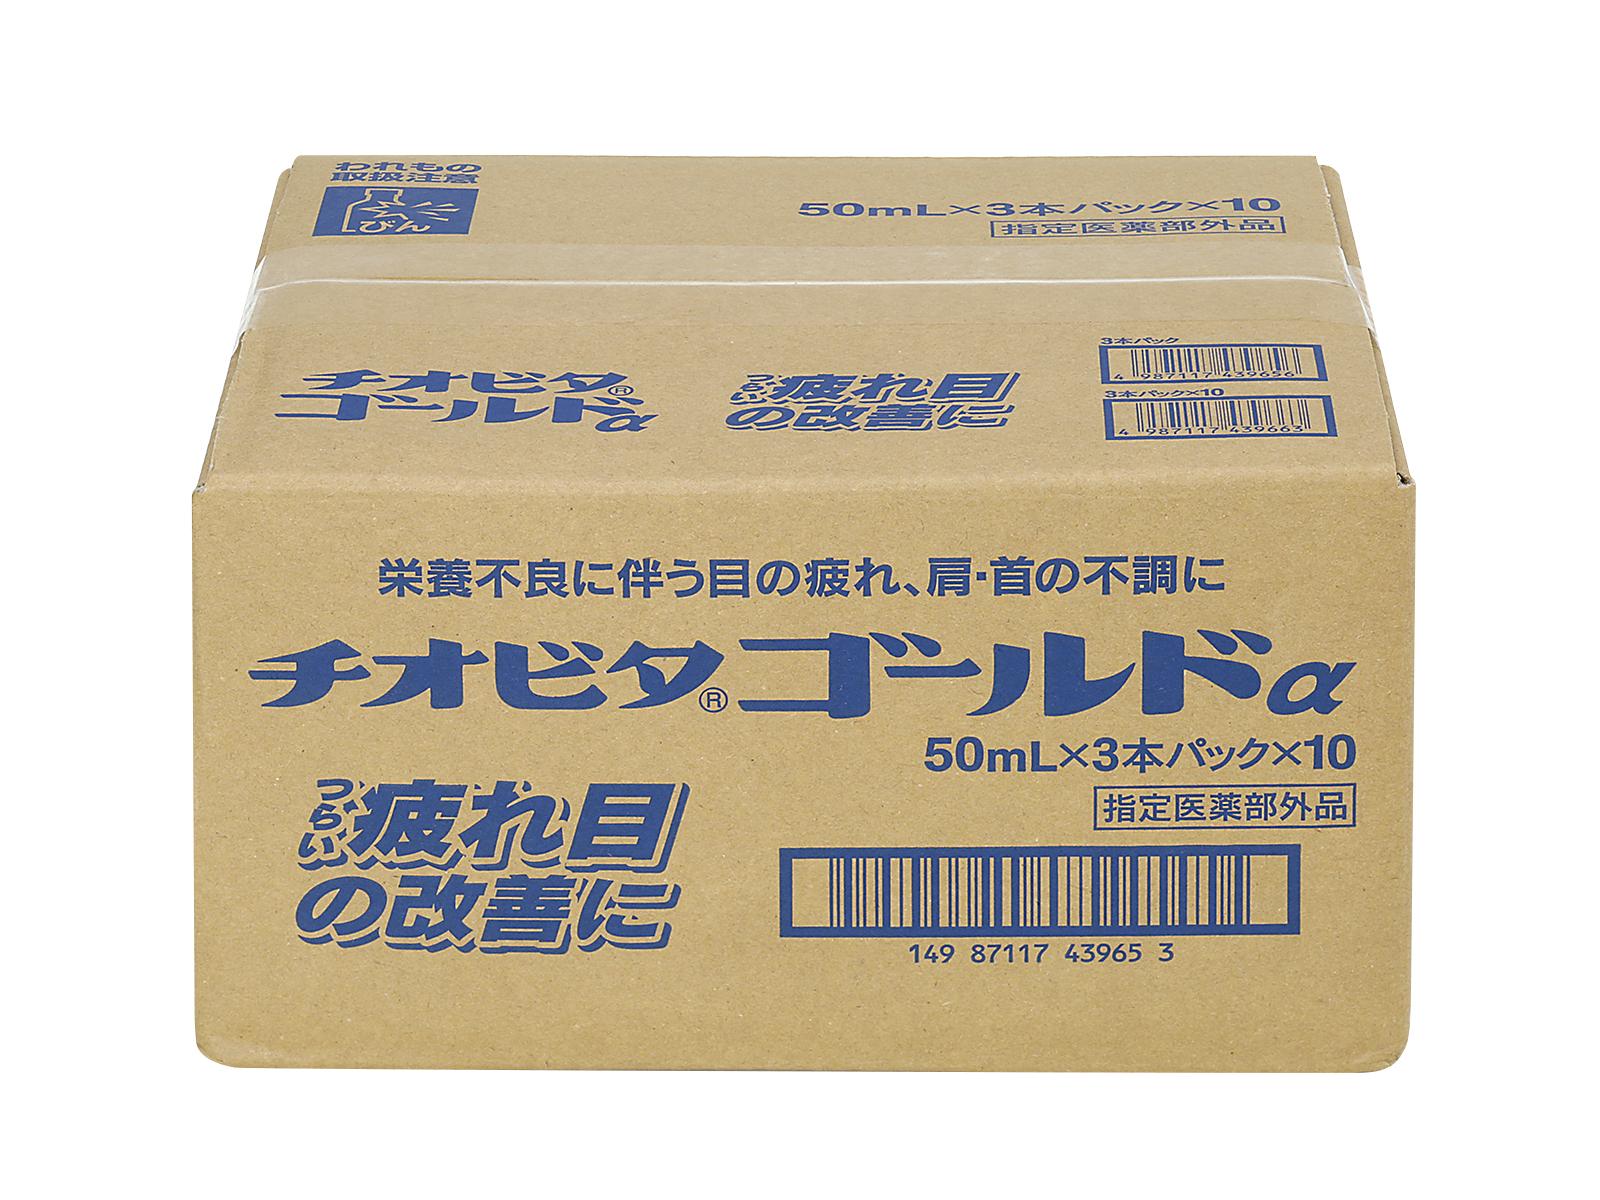 チオビタゴールドα(P) 50mlX3X10